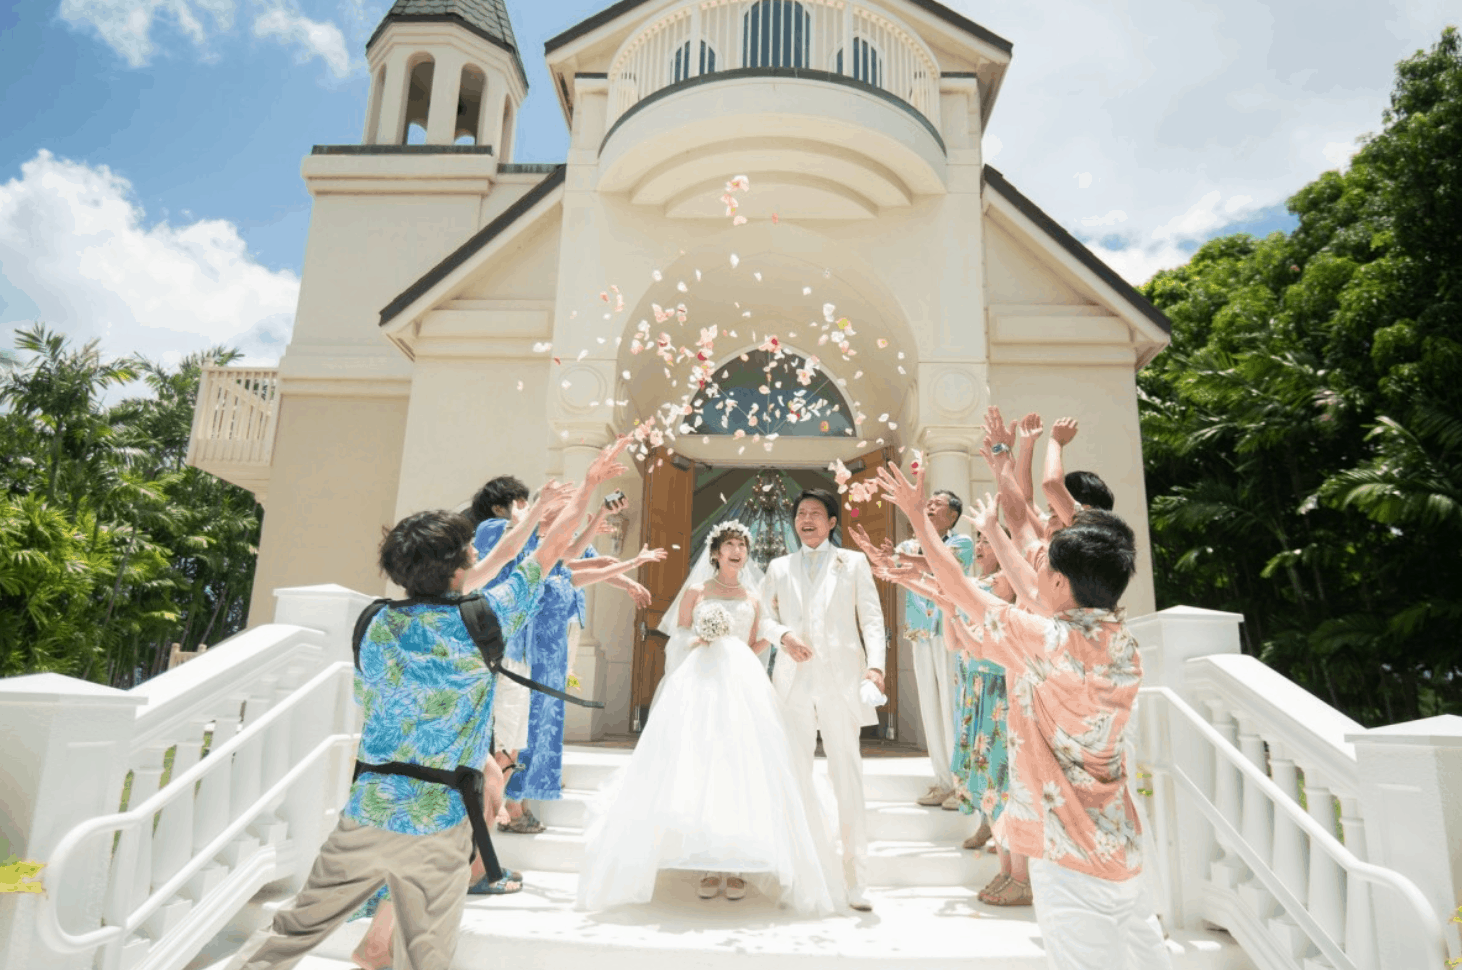 ハワイ結婚式を格安に挙げる3つのポイントのカバー写真 0.6634746922024624